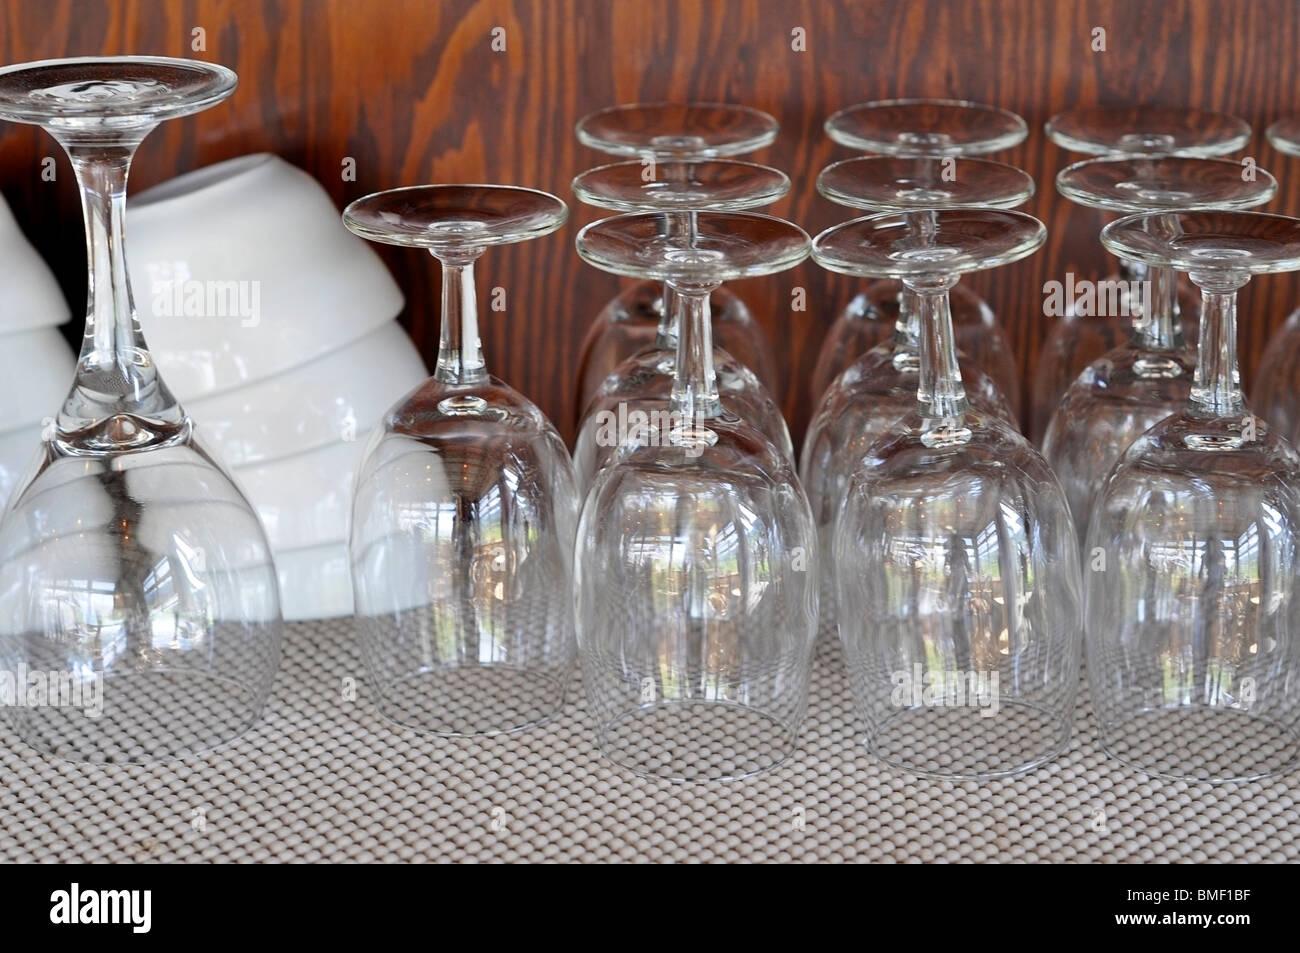 Bicchieri vuoti sul ripiano. Immagini Stock